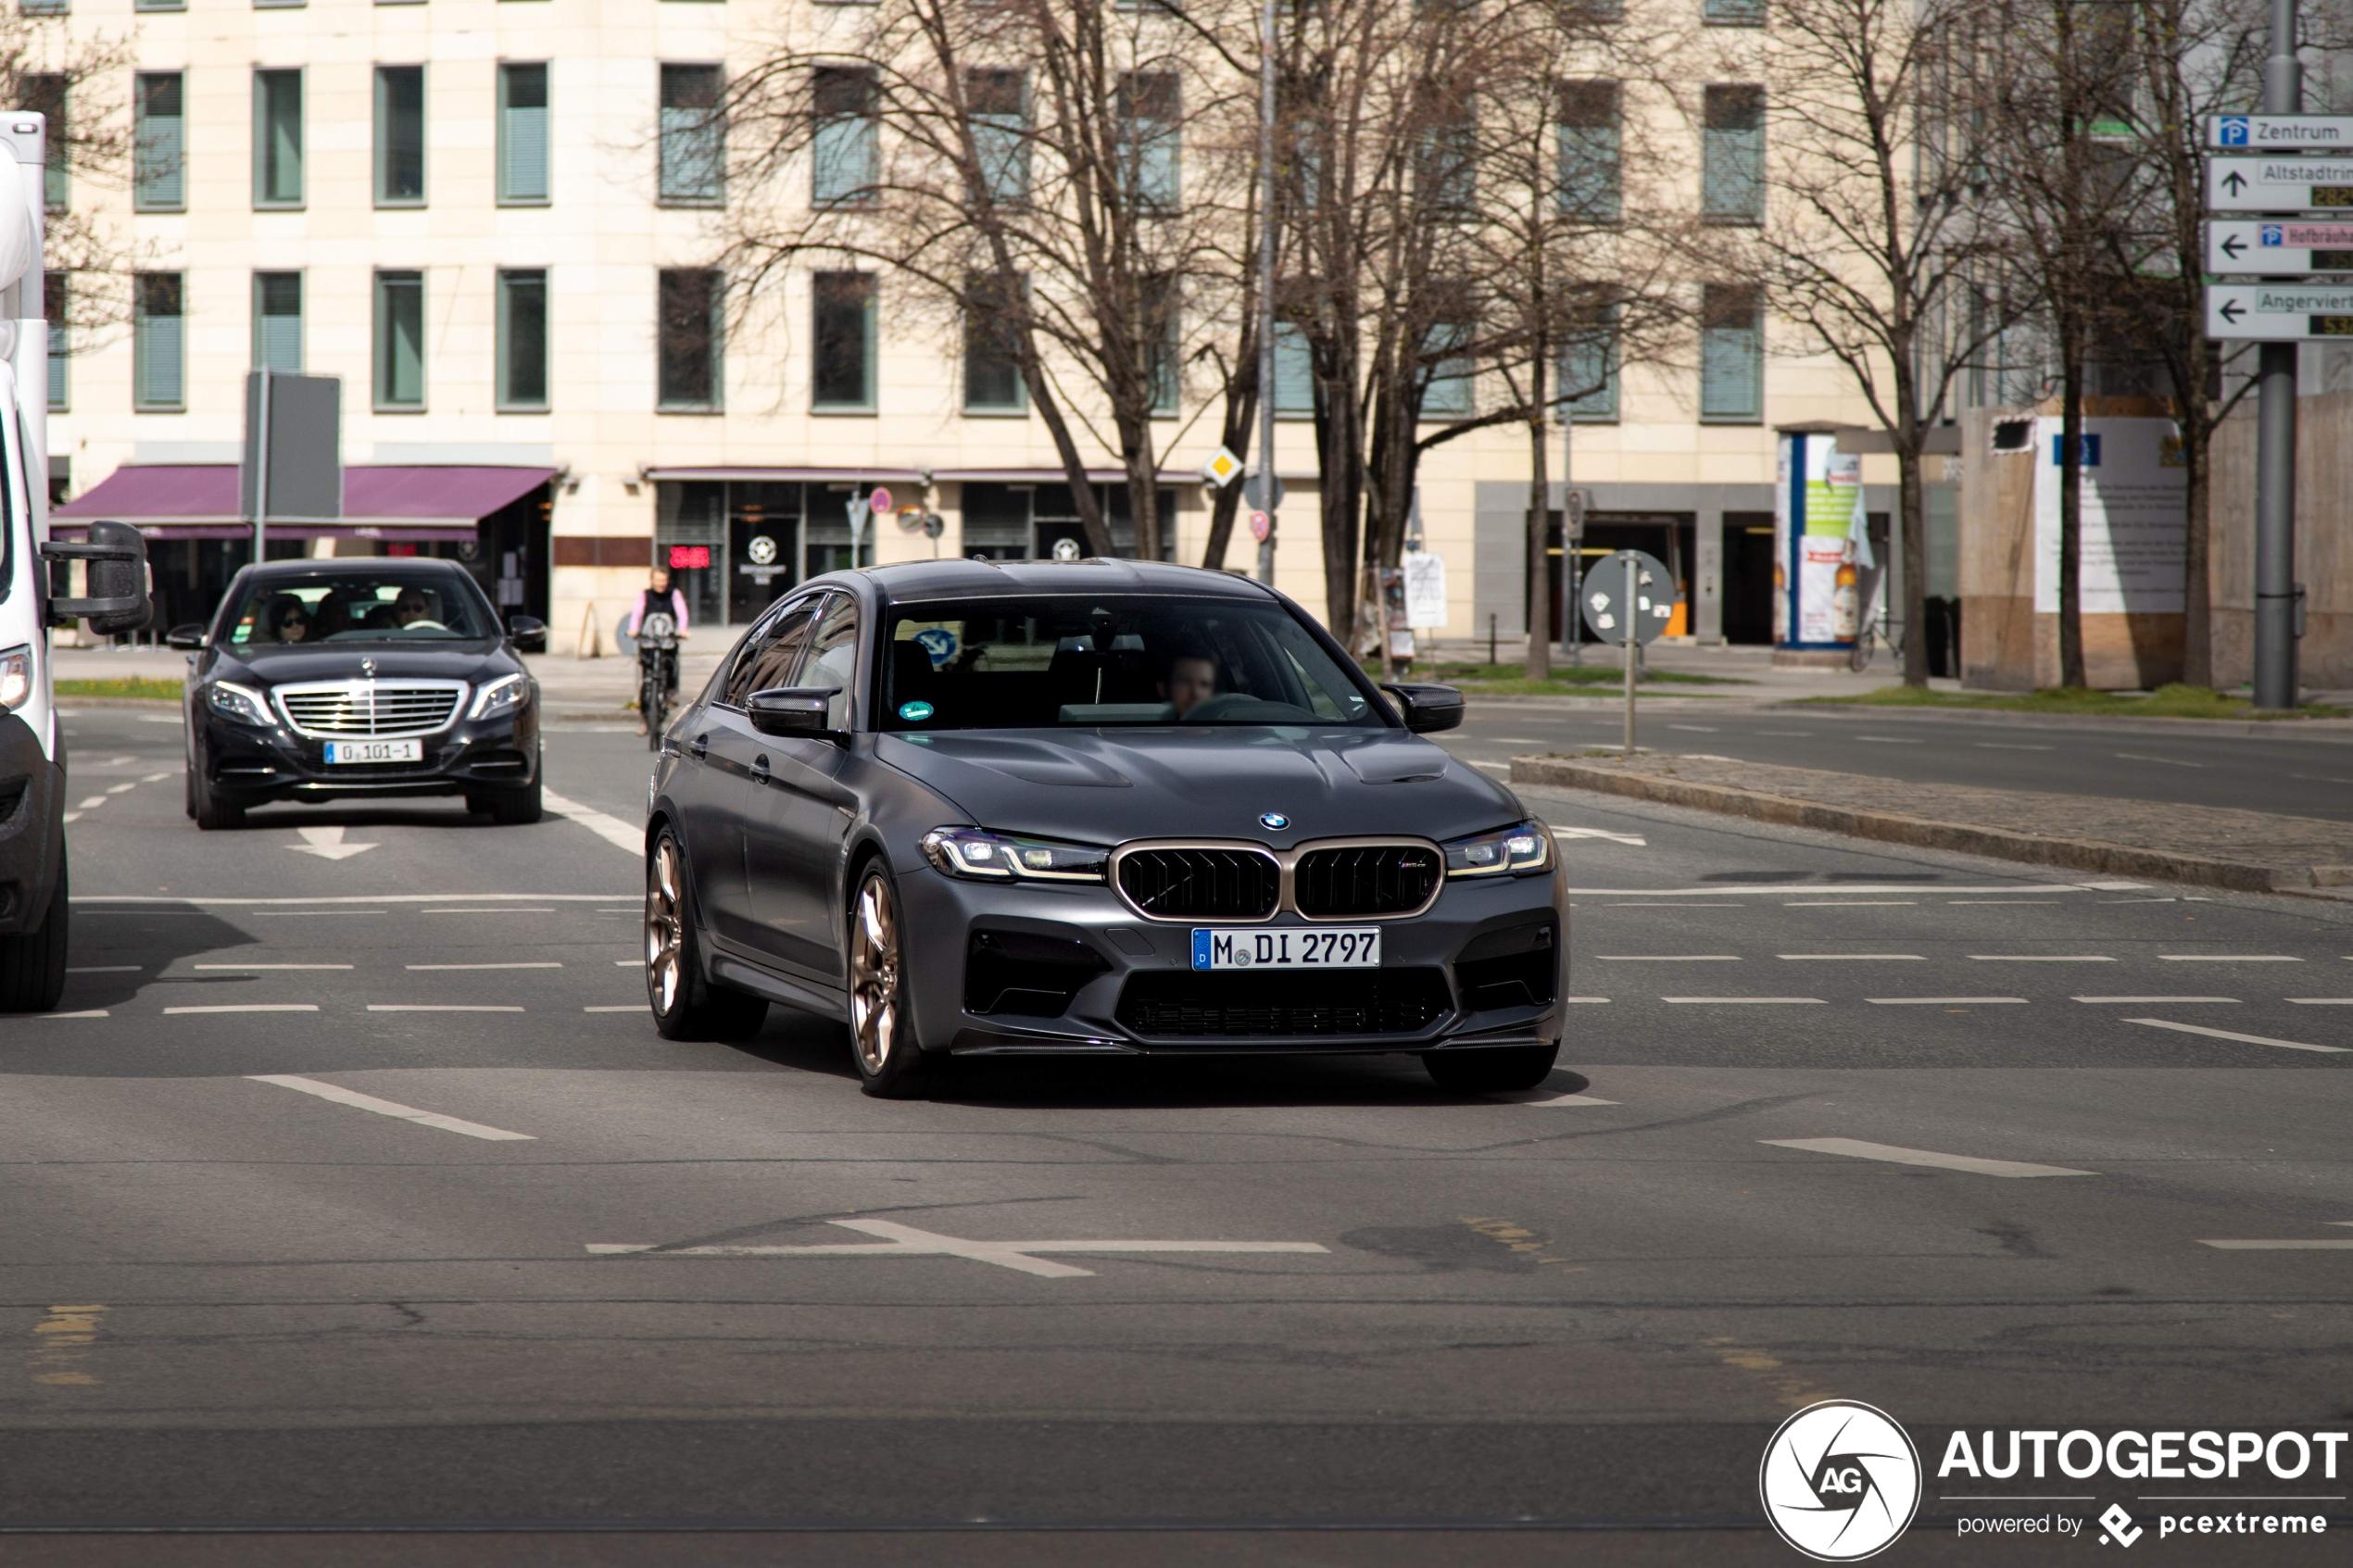 Hardcore BMW M5 CS verschijnt op straat